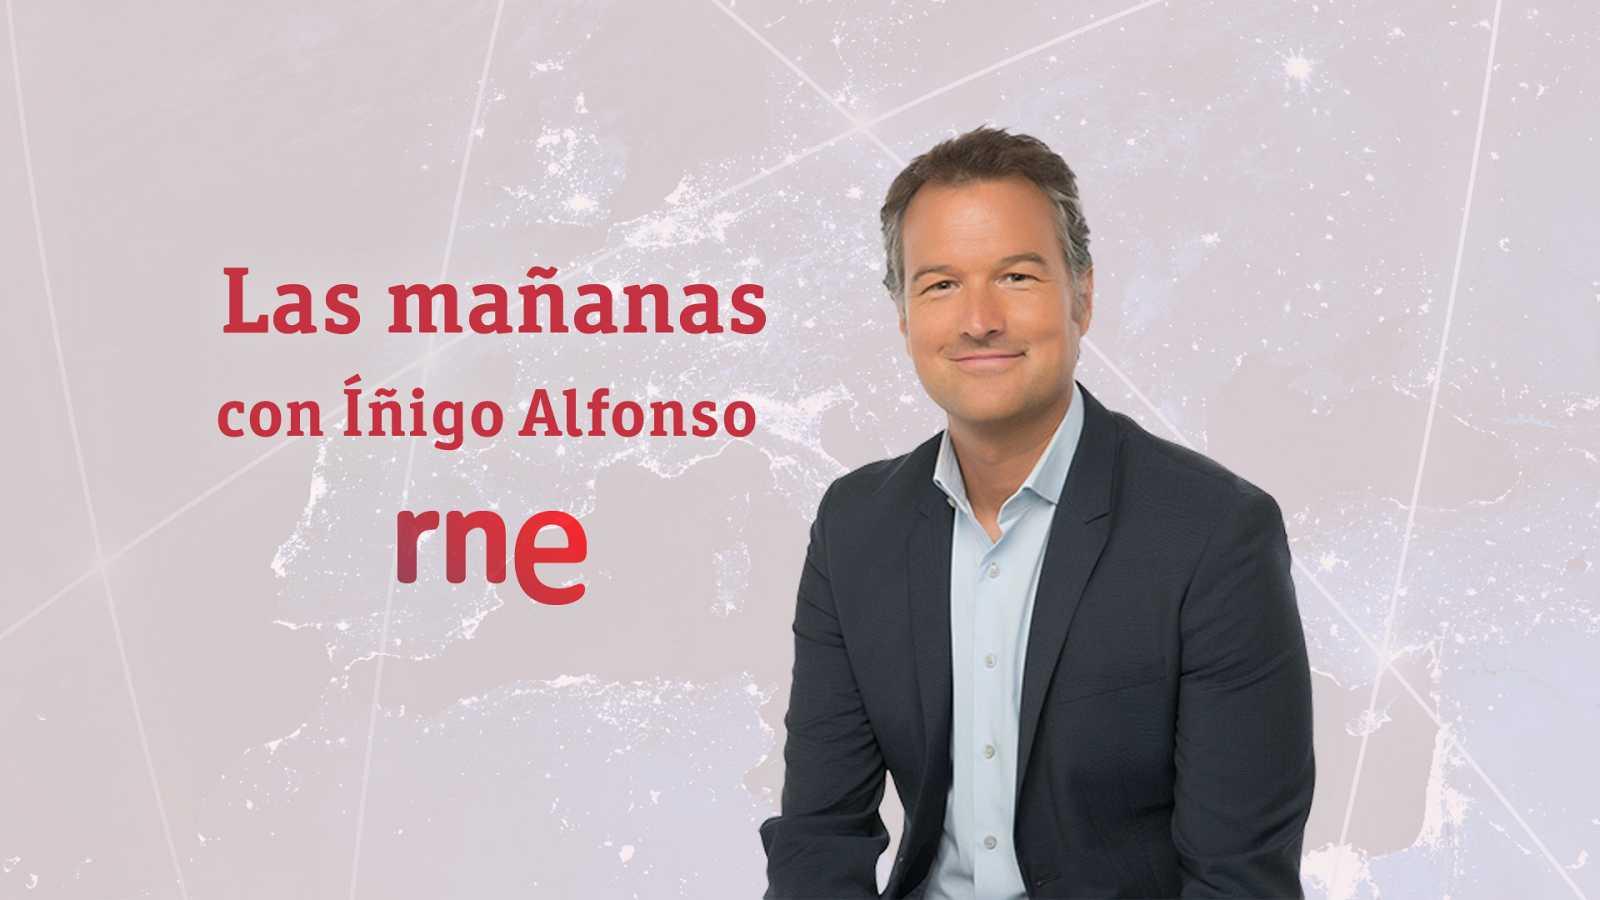 Las mañanas de RNE con Íñigo Alfonso - Primera hora - 03/03/21 - escuchar ahora